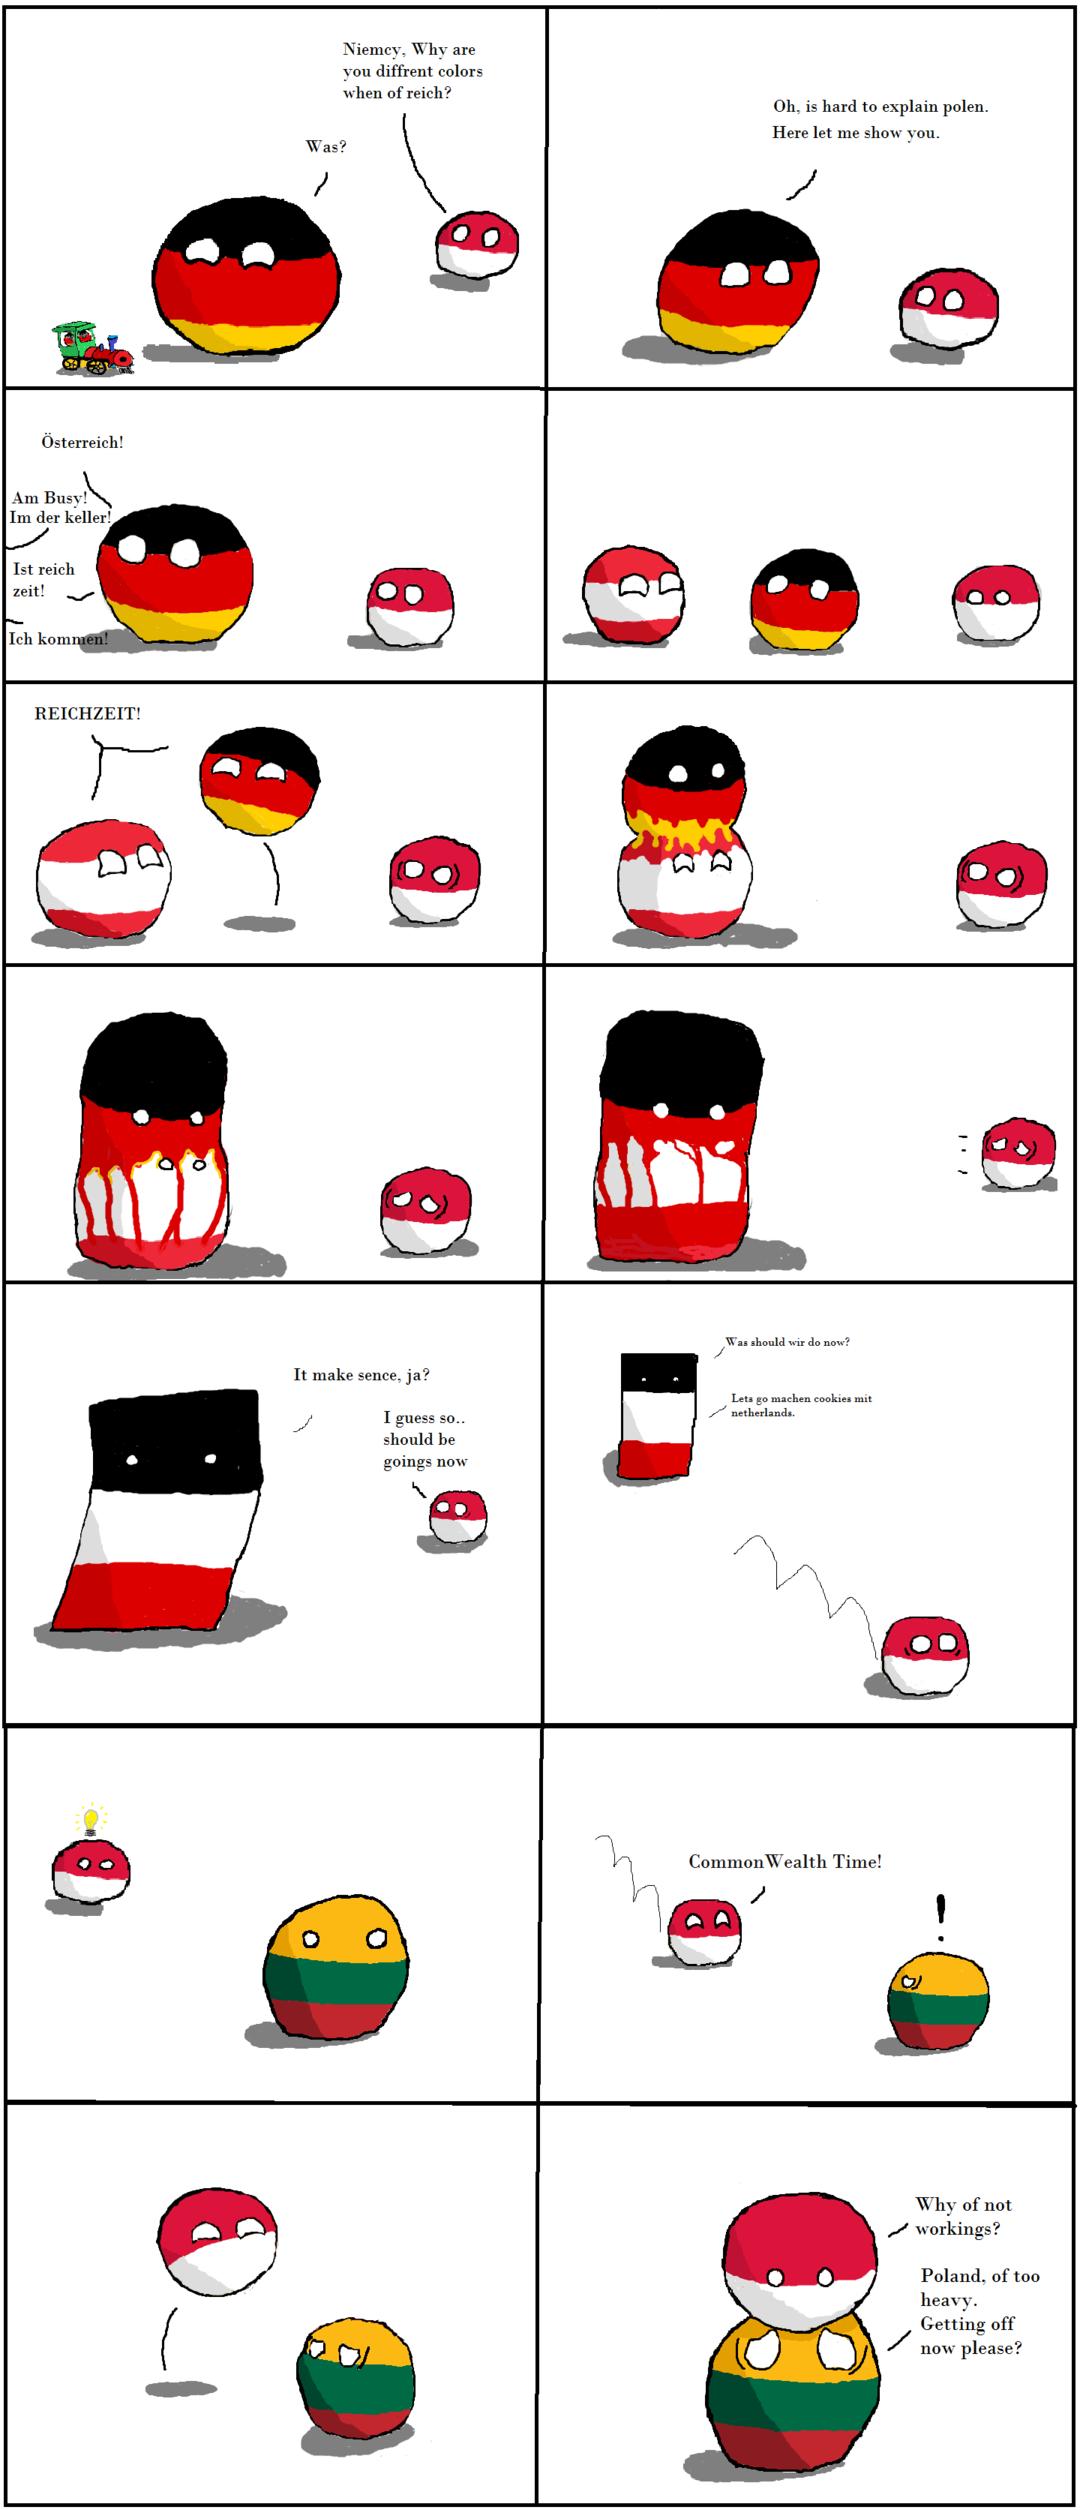 Reichzeit